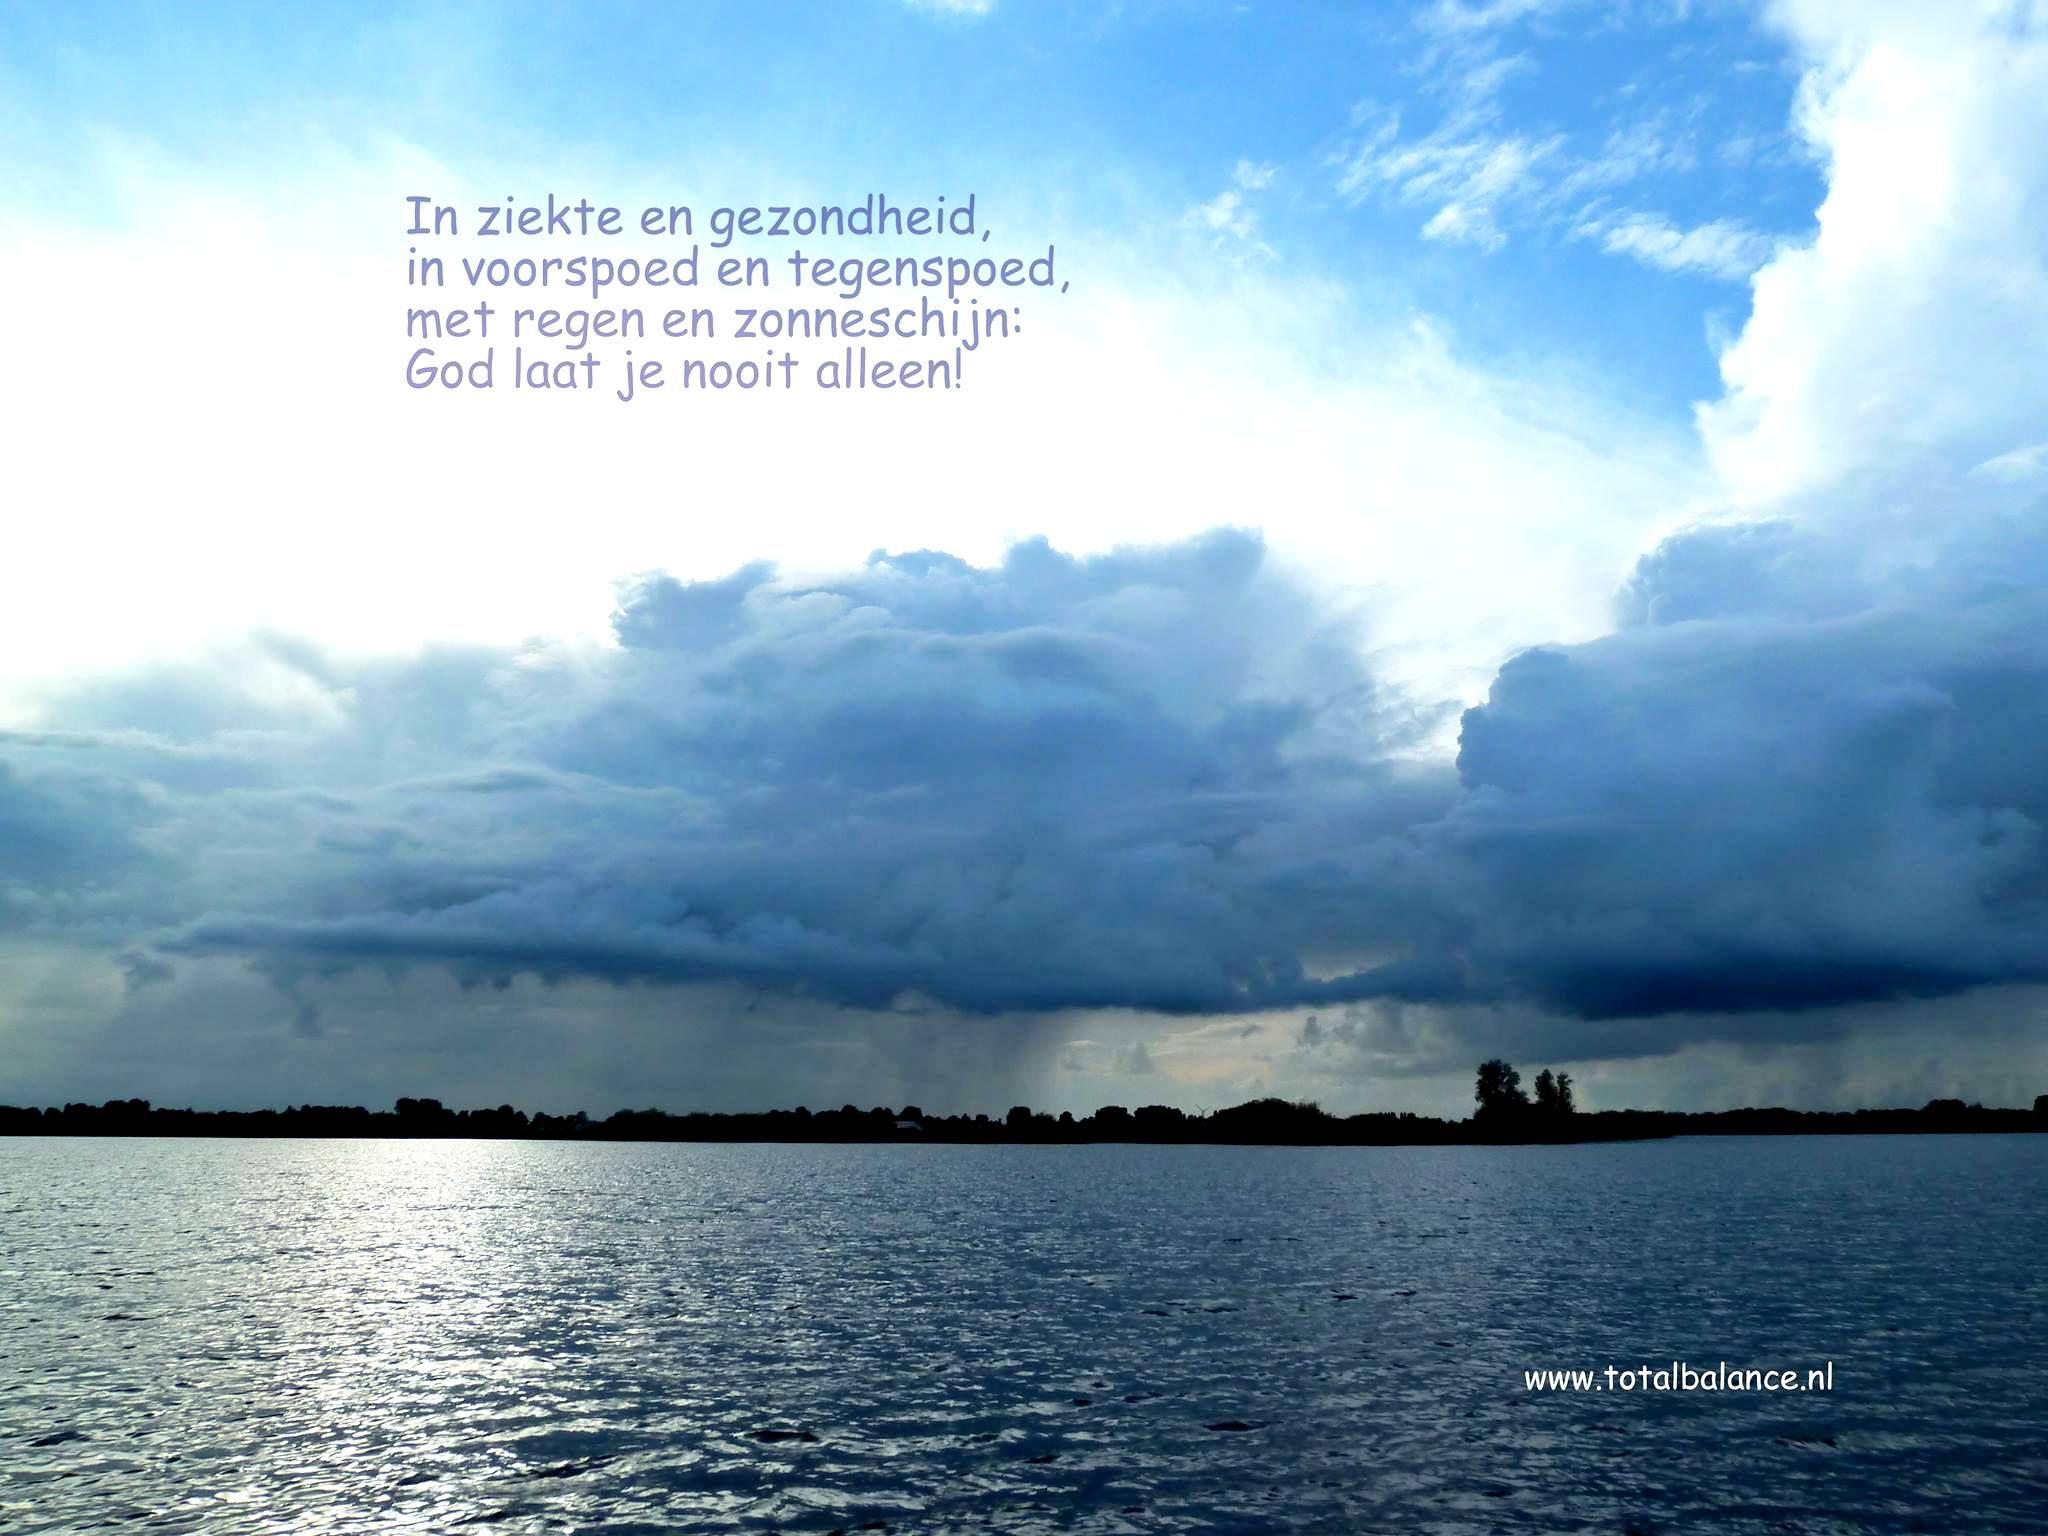 Regen En Zonneschijn : In ziekte en gezondheid in voorspoed en tegenspoed met regen en